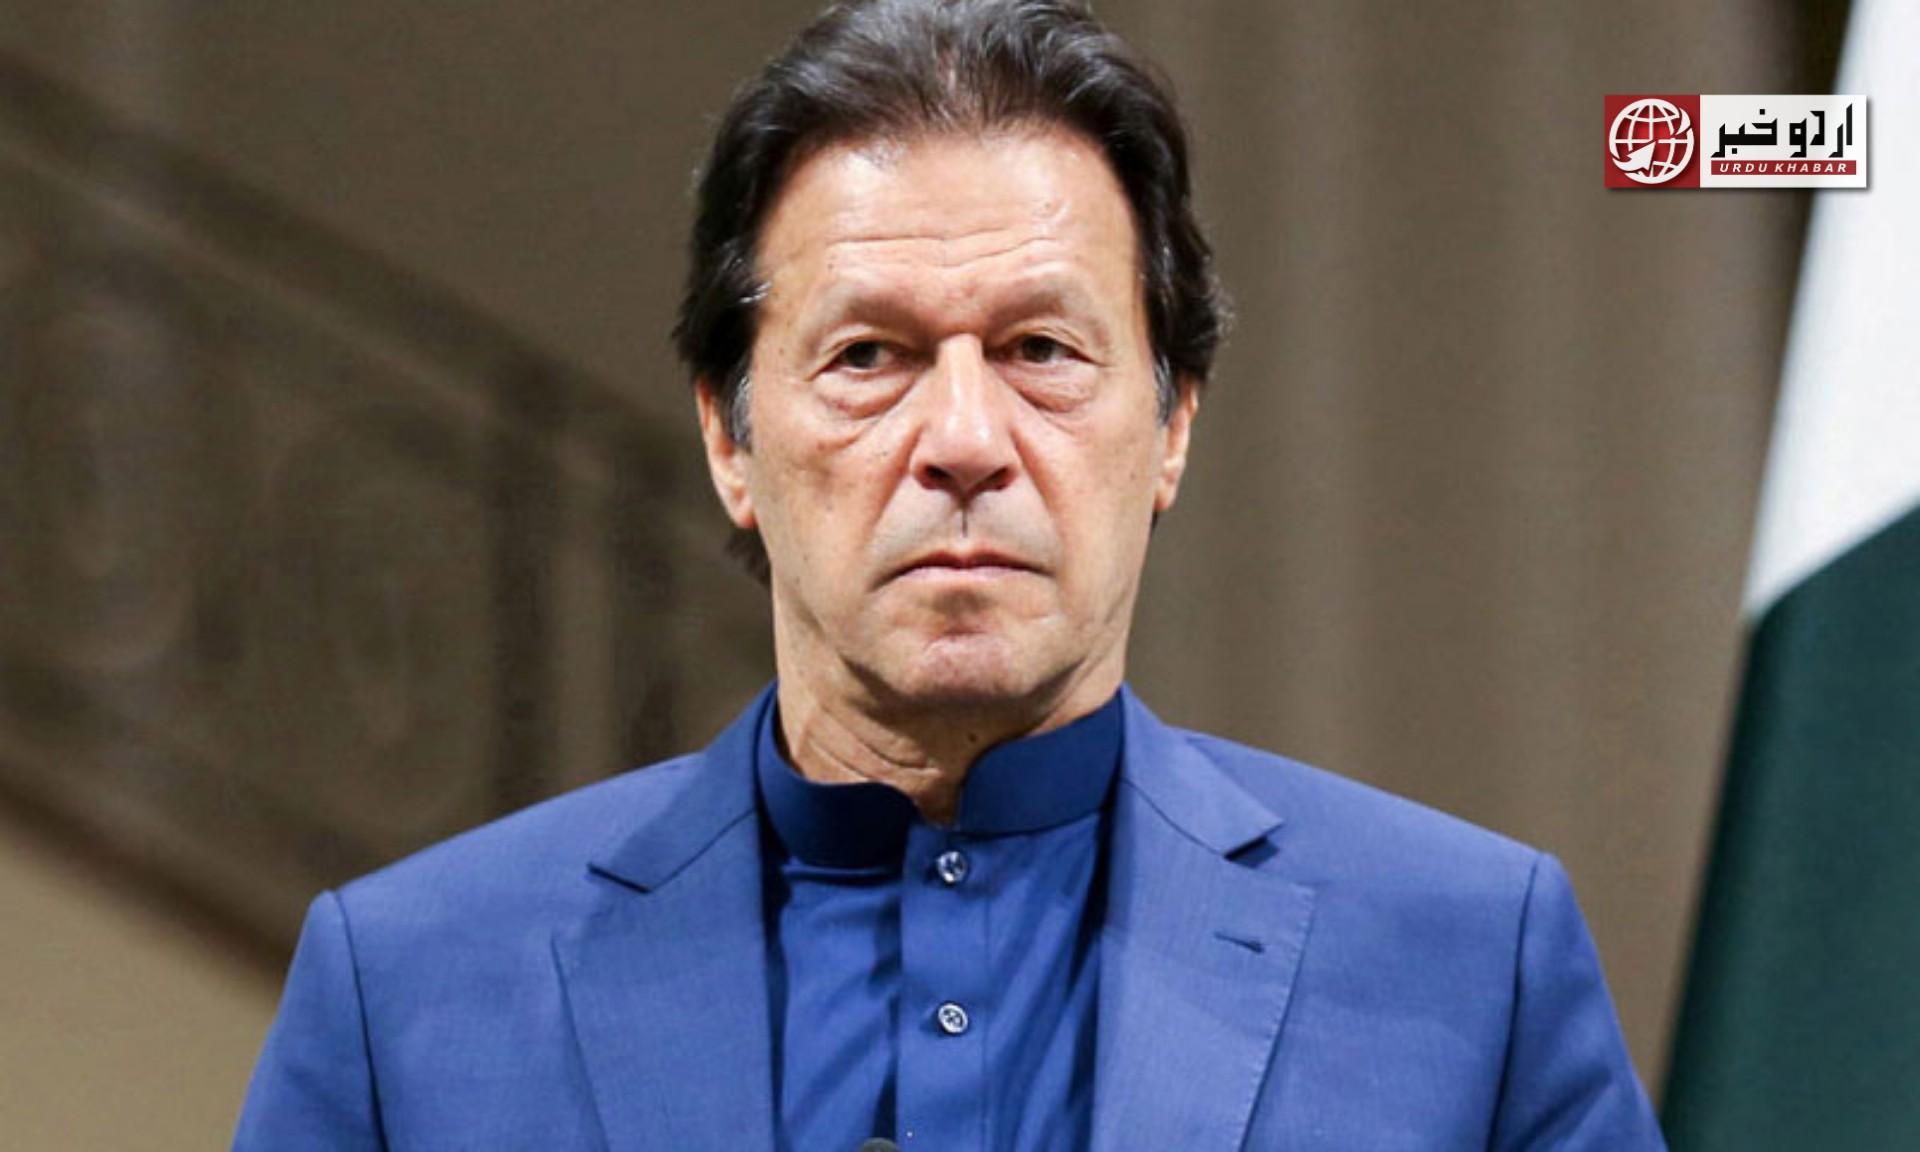 ذخیرہ اندوزی ختم، عمران خان نے پرانی قیمتیں لانے کا حکم دے دیا